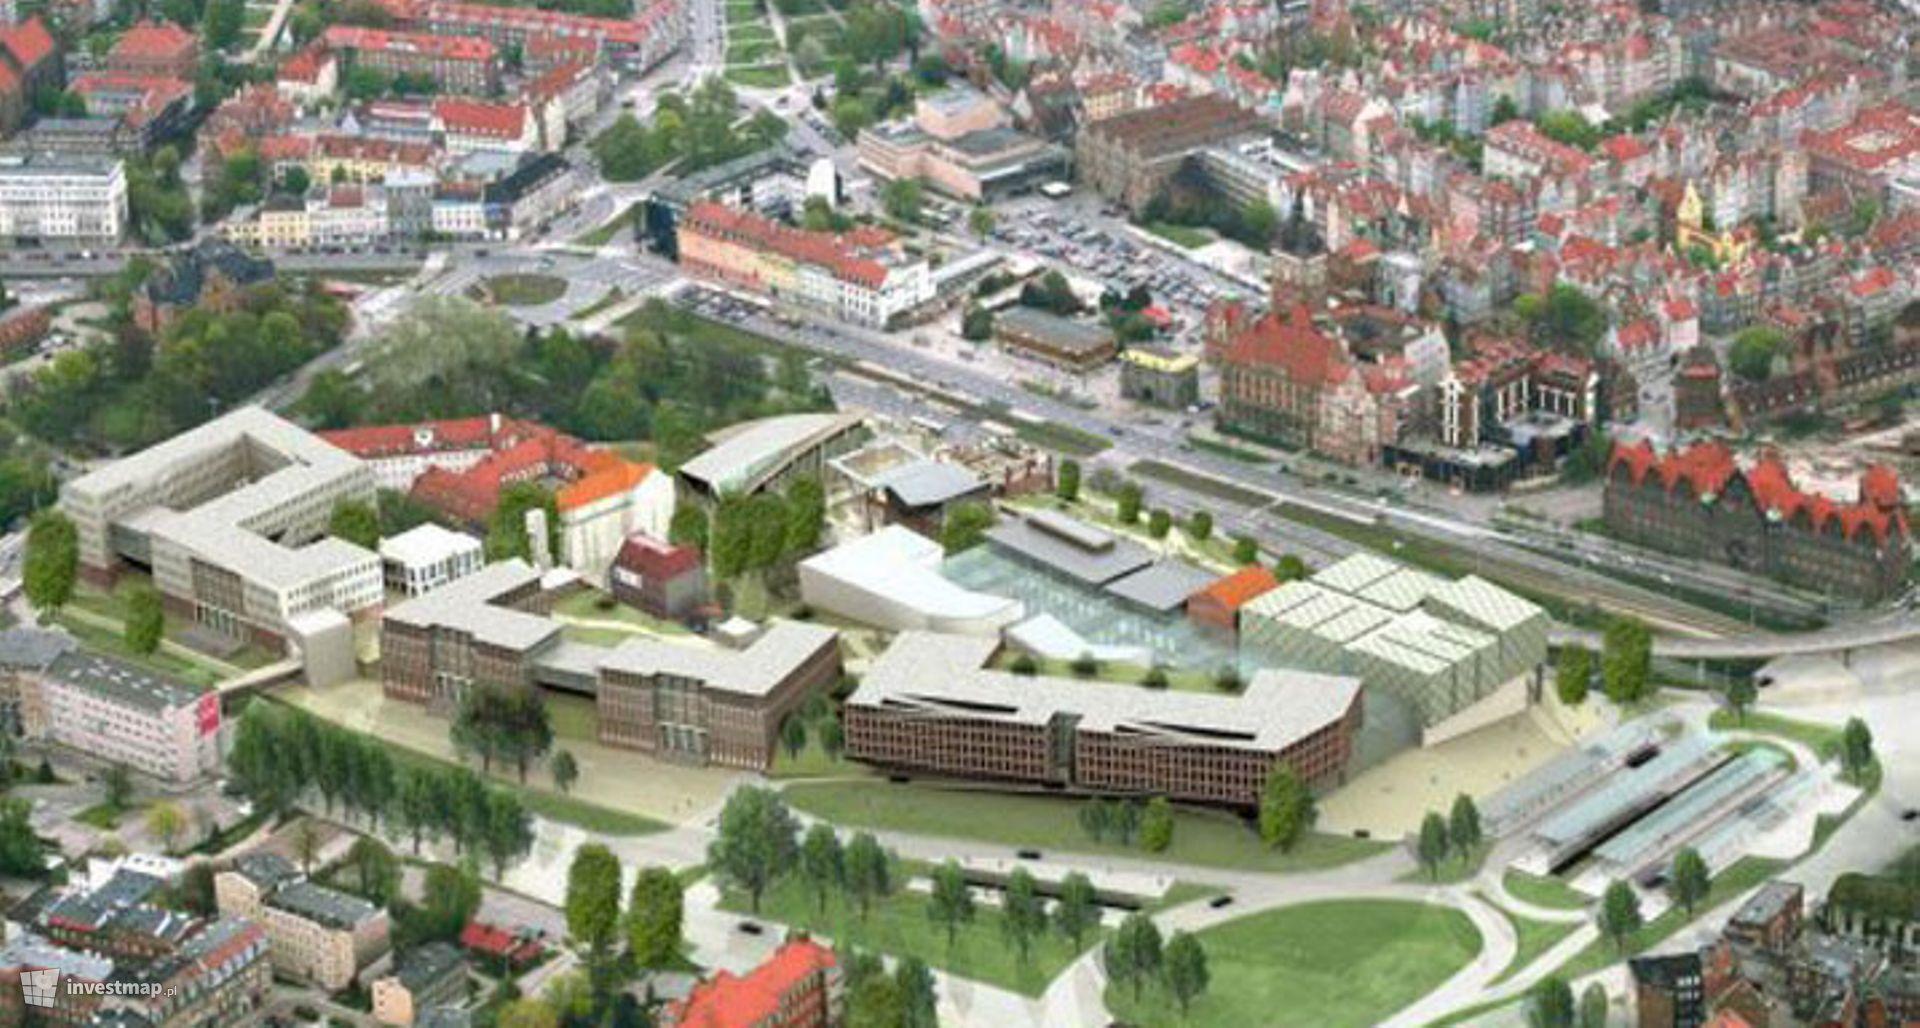 Targ Sienny i Targ Rakowy (przebudowa) oraz galeria Forum Gdańsk (dawne Forum Radunia)